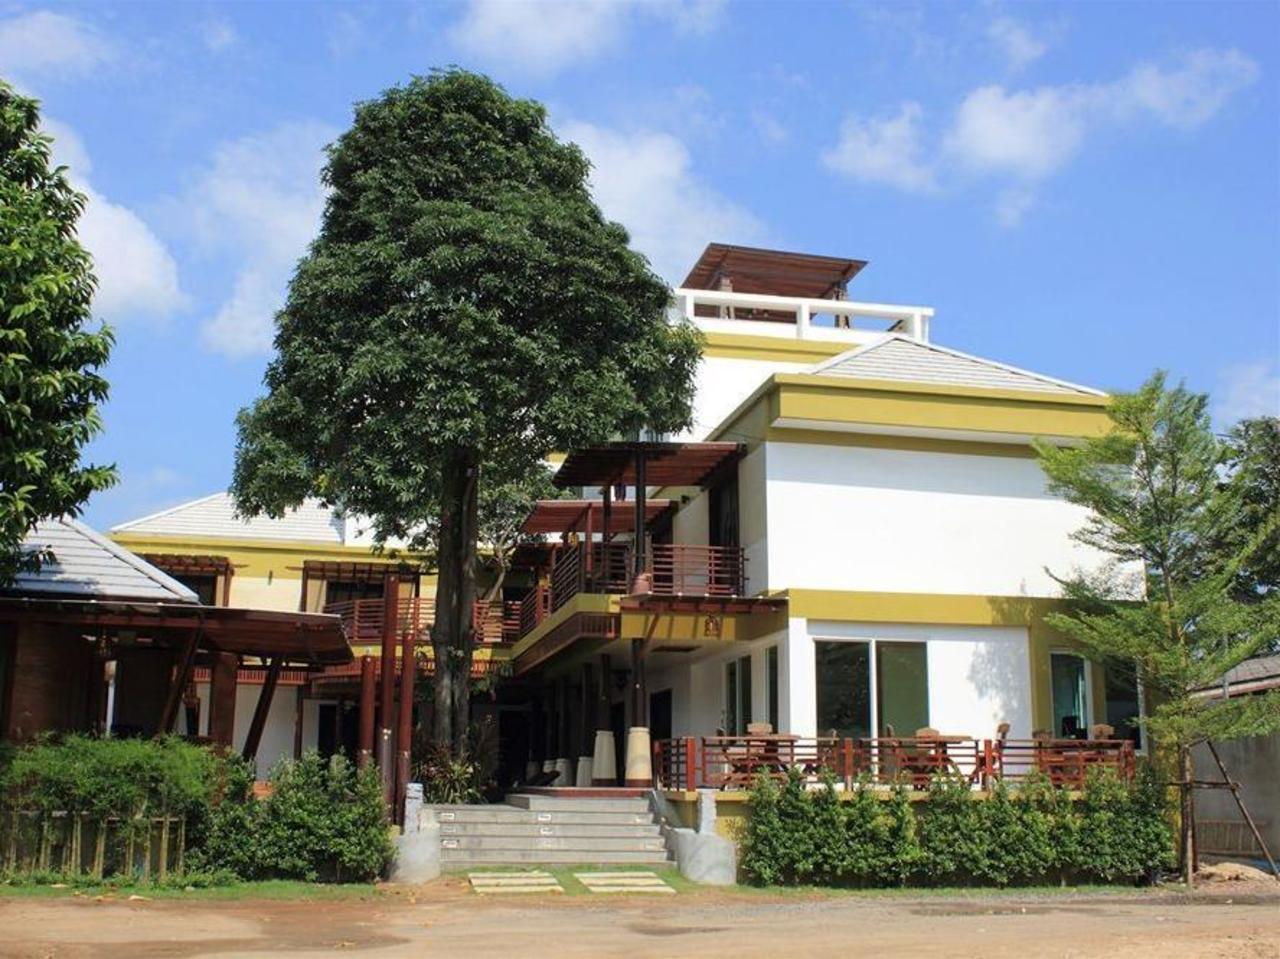 โรงแรมสวนมะลิ สมุย (Suanmalisamui Hotel)